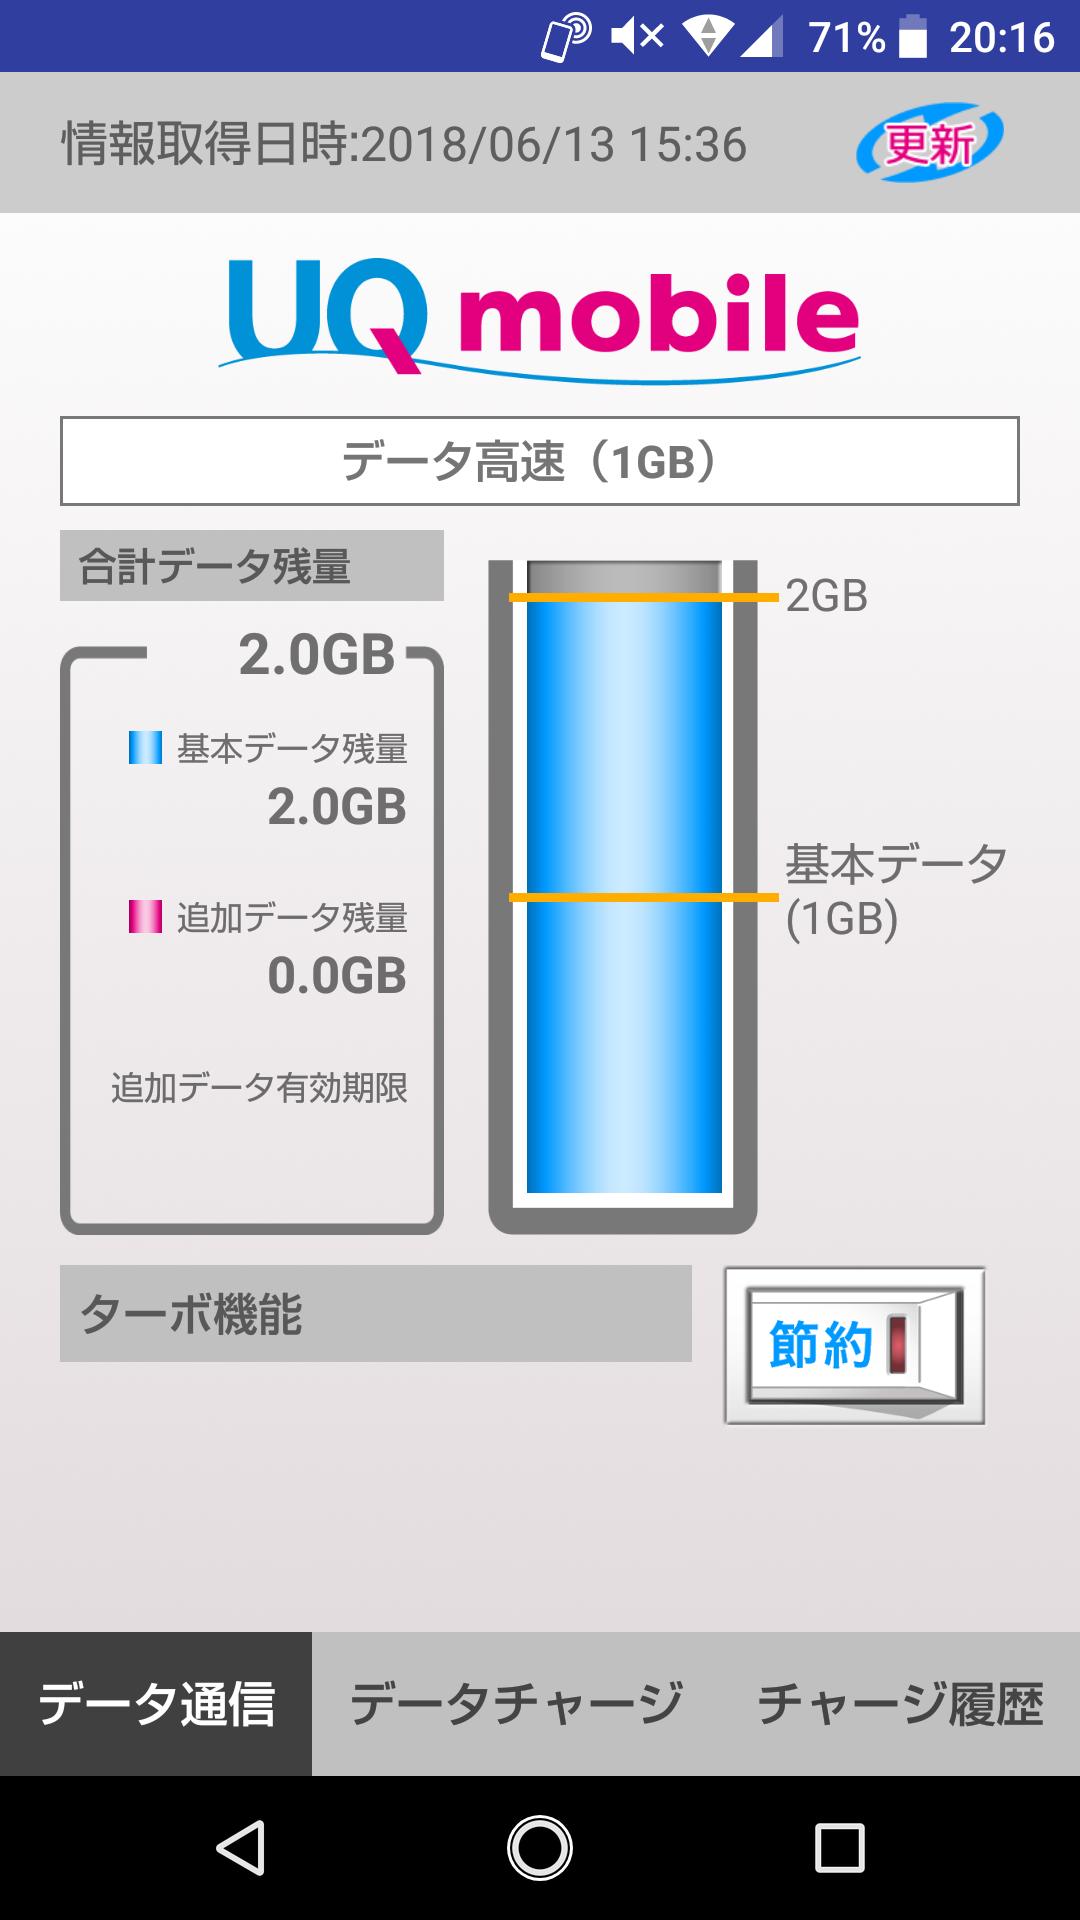 「格安SIM」総合トピ【情報交換・質問】PART2